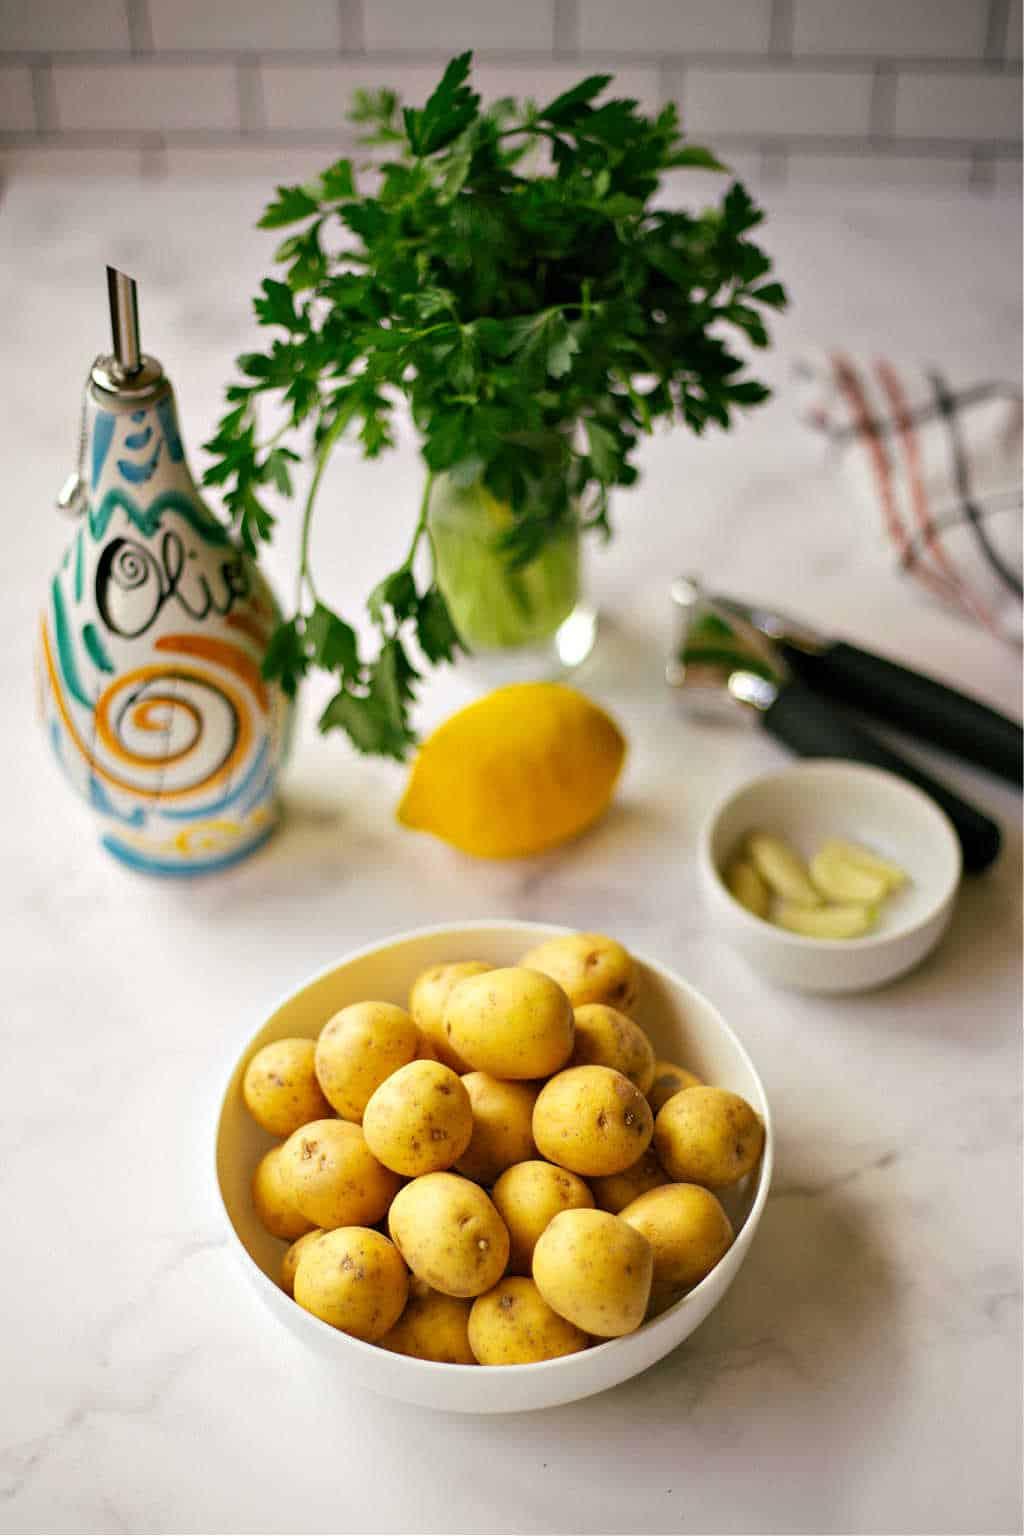 ingredients for Lemon Garlic Smashed Potatoes